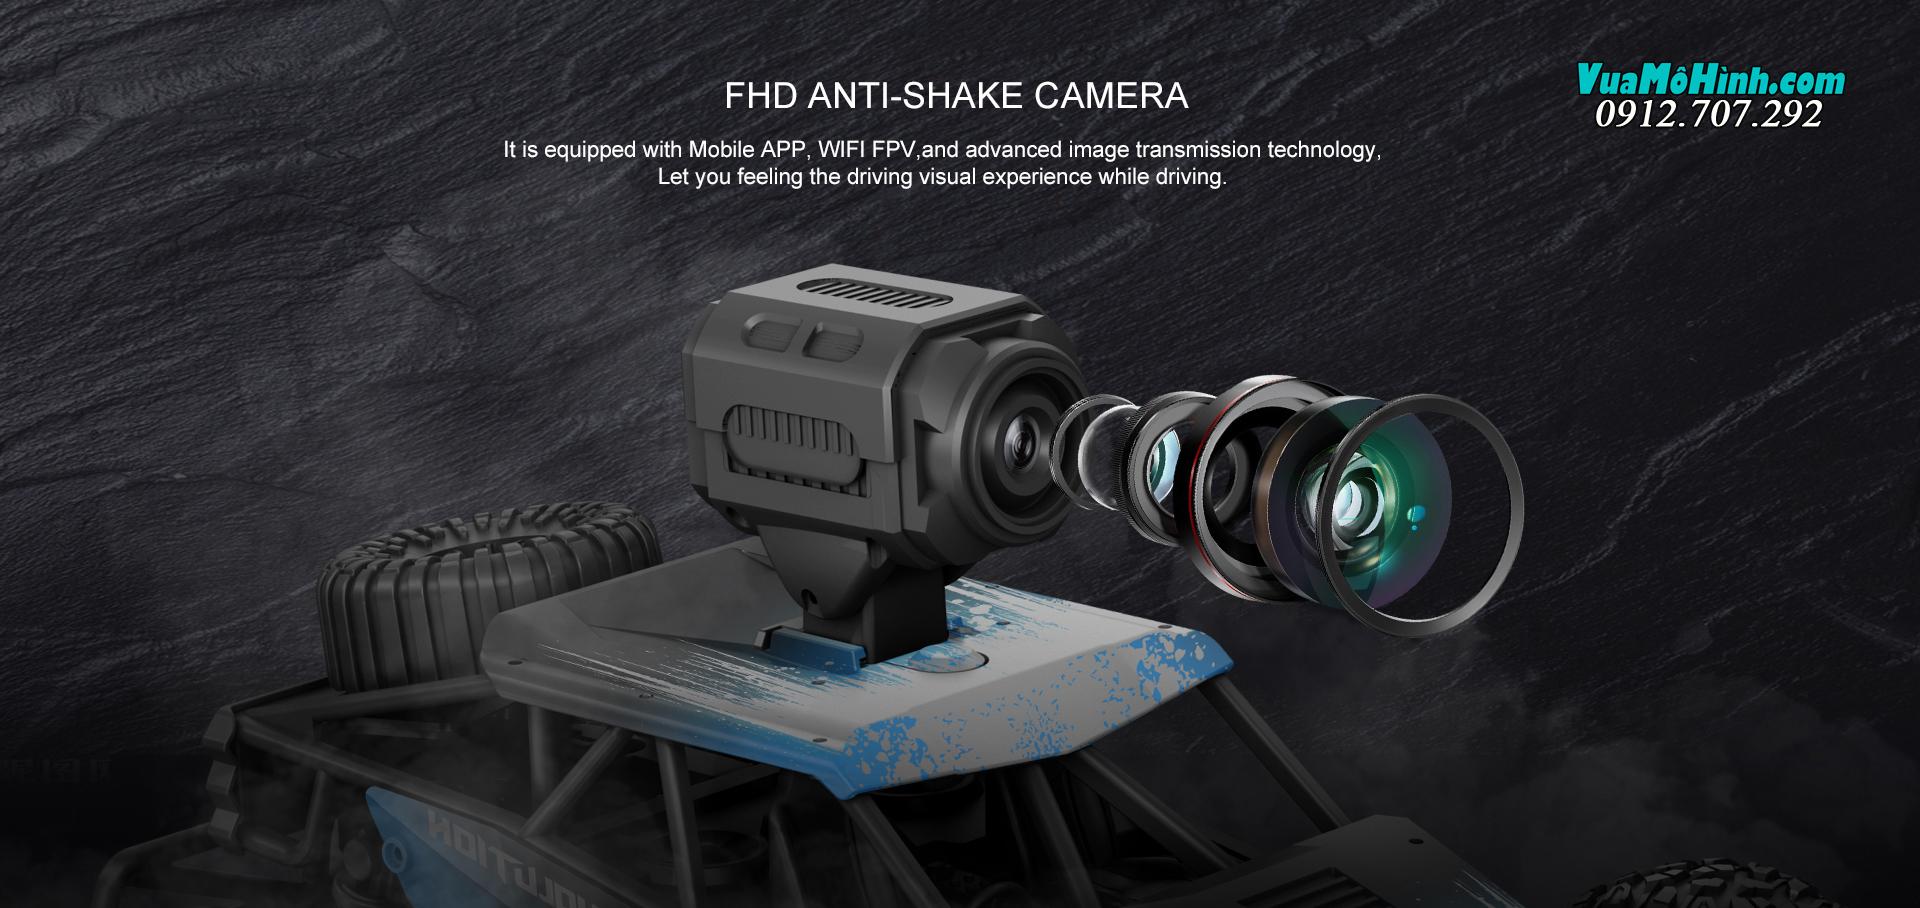 xe điều khiển từ xa gắn camera có khác gì xe thường